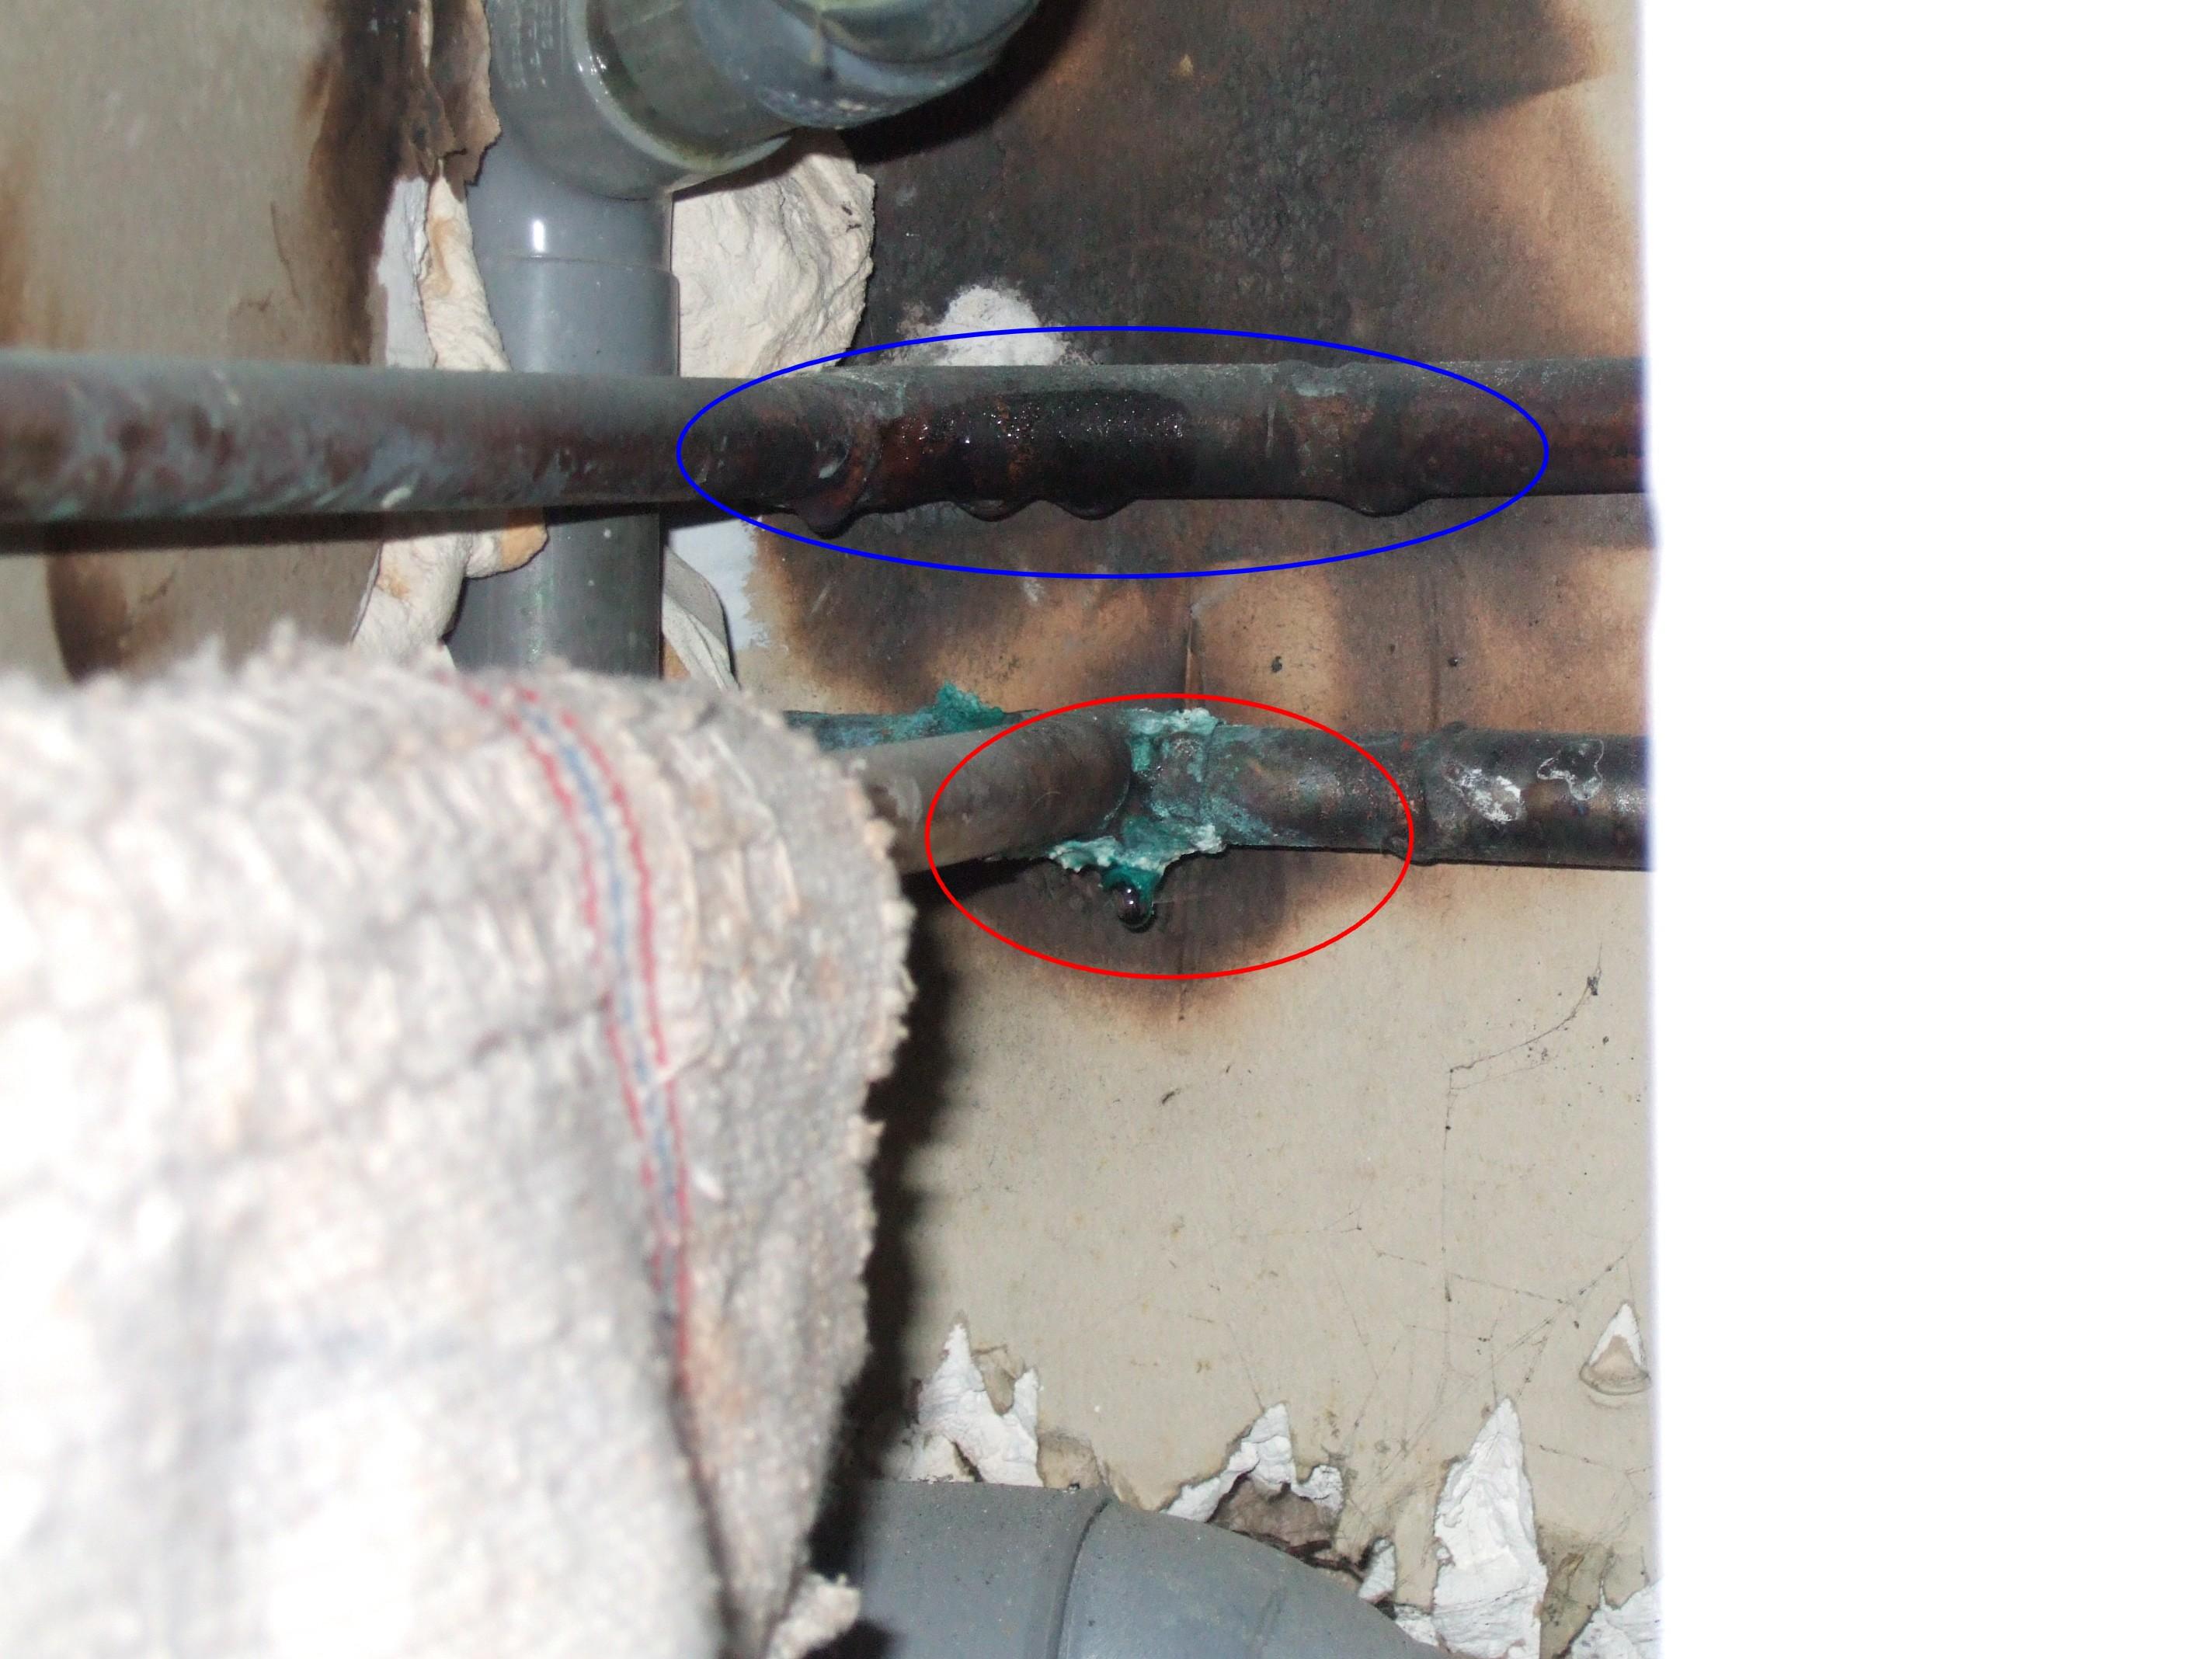 Fuite sur canalisation - Fuite d eau tuyau cuivre ...